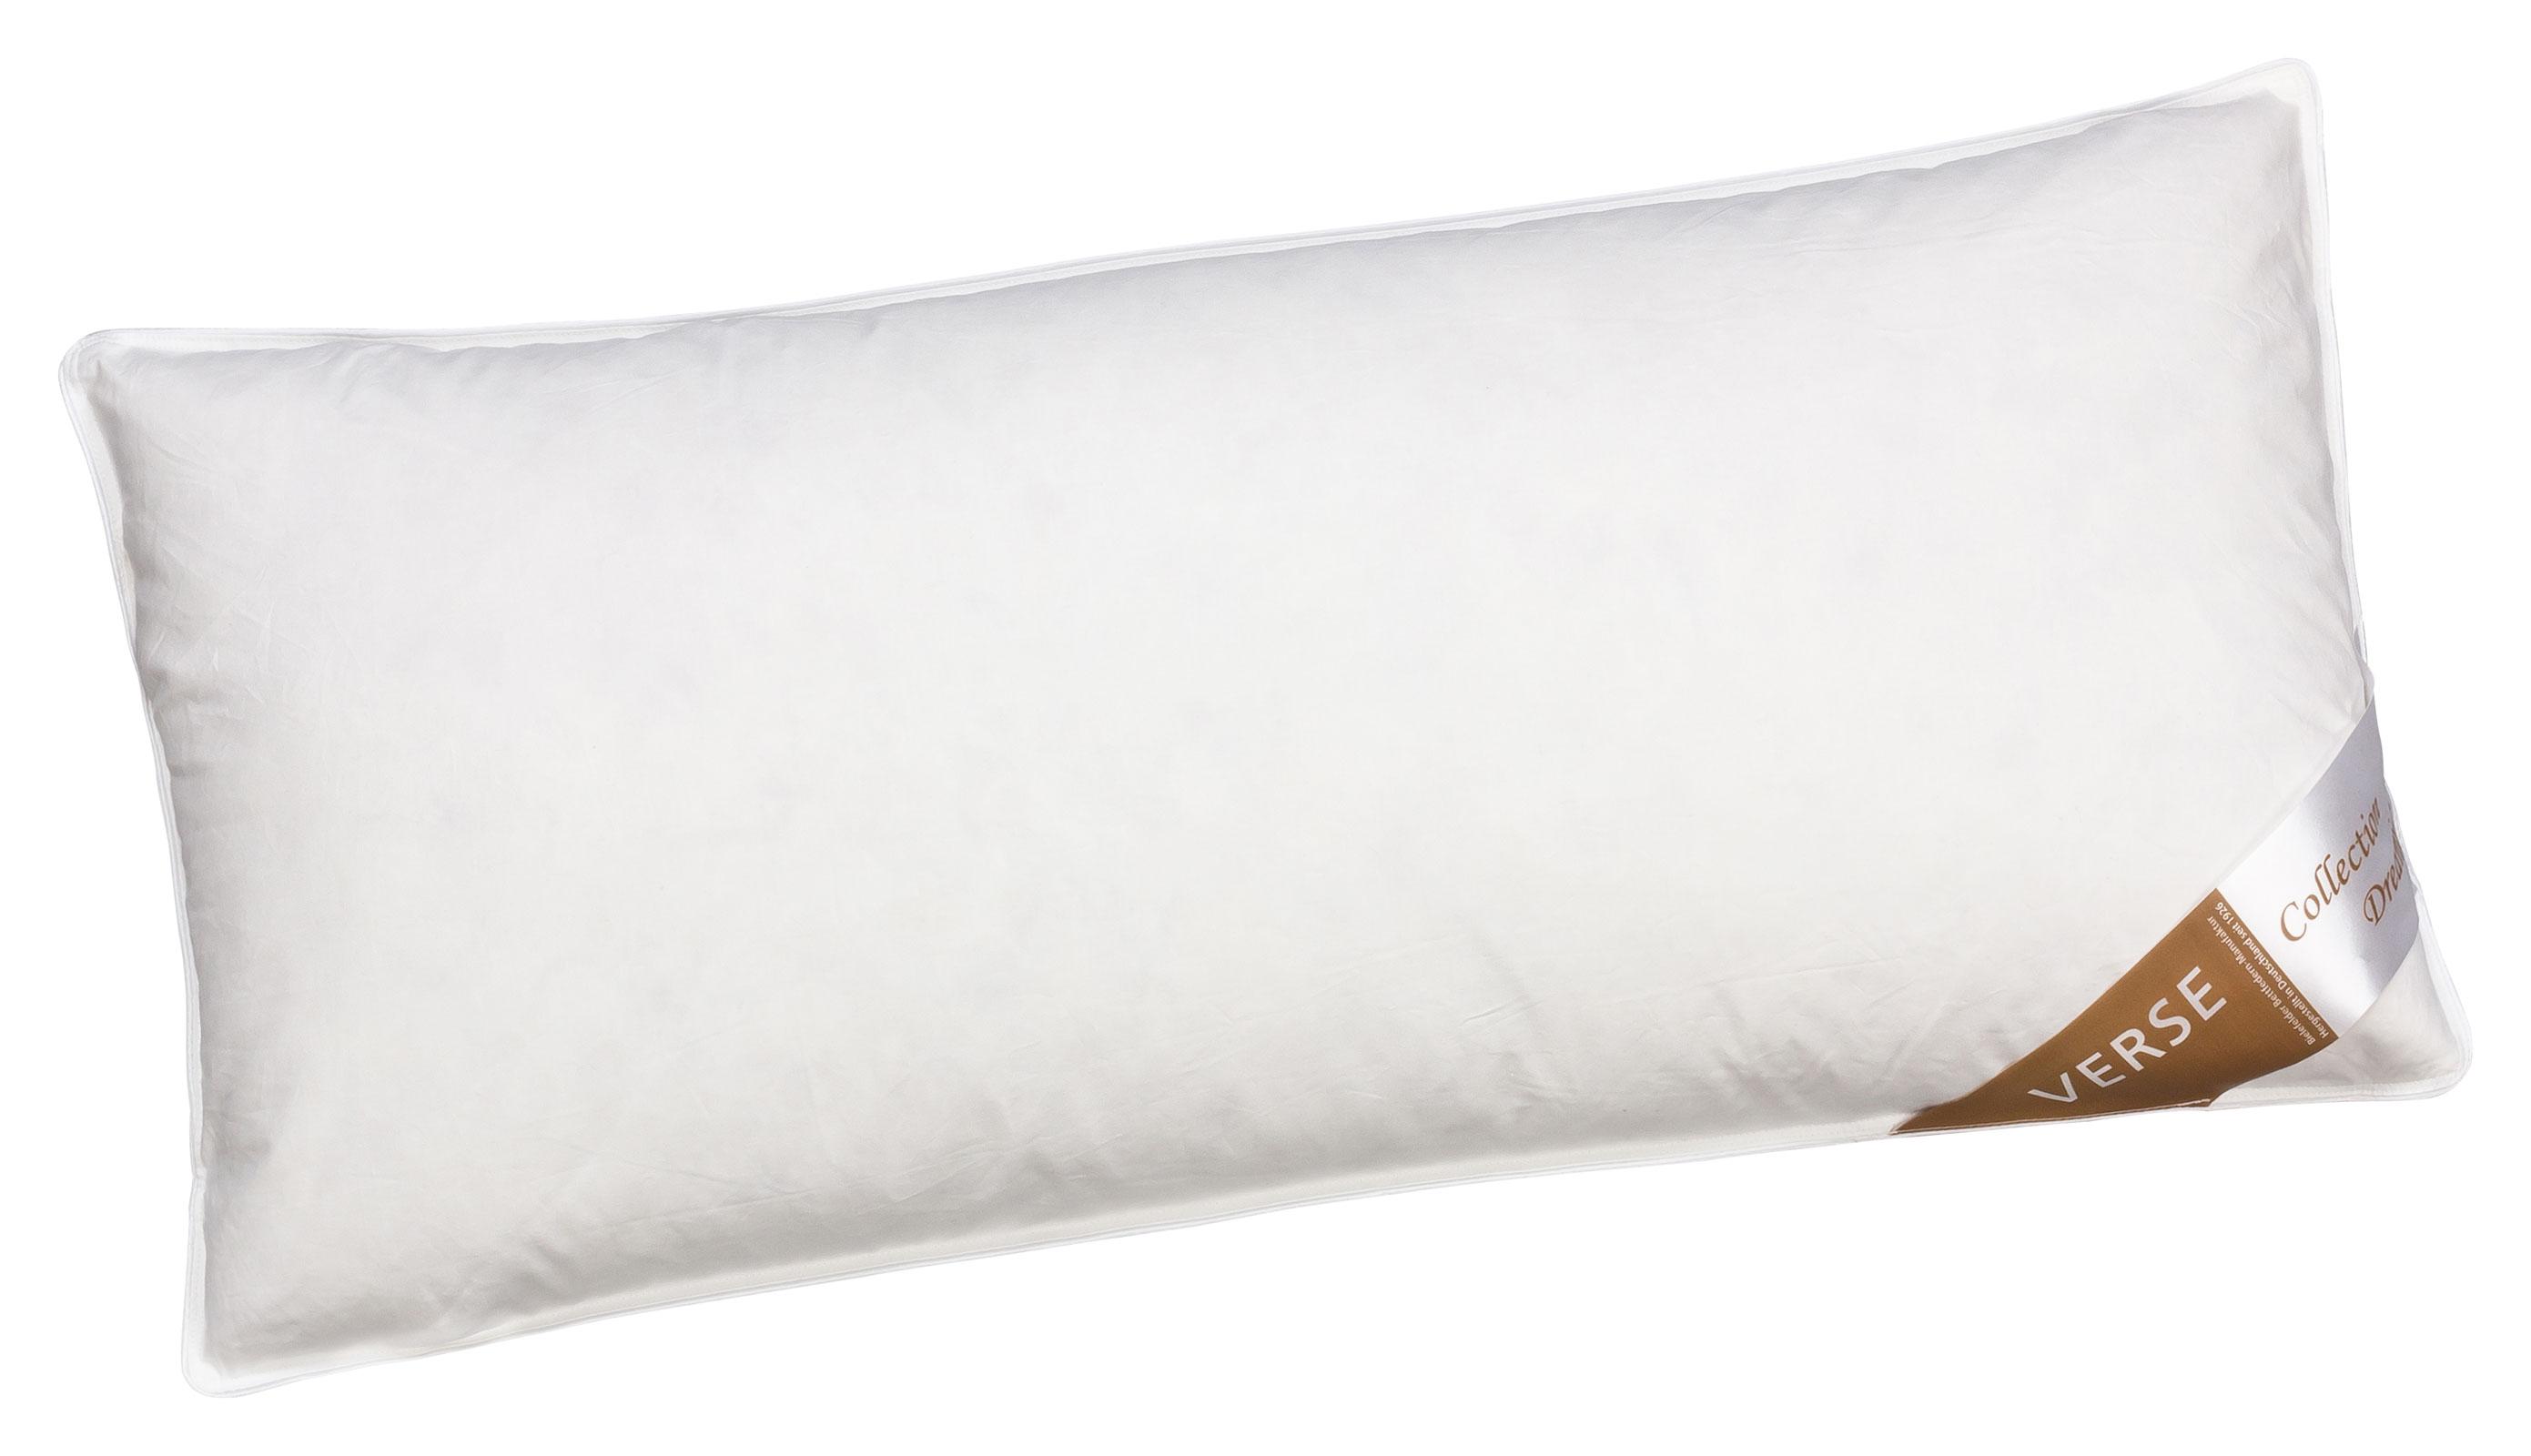 Bettdecken und Kopfkissen - Kopfkissen Daunen Kissen 40x80 mittel weich 500g 90 Federn 10 Daunen Verse Collection Dreaming  - Onlineshop PremiumShop321